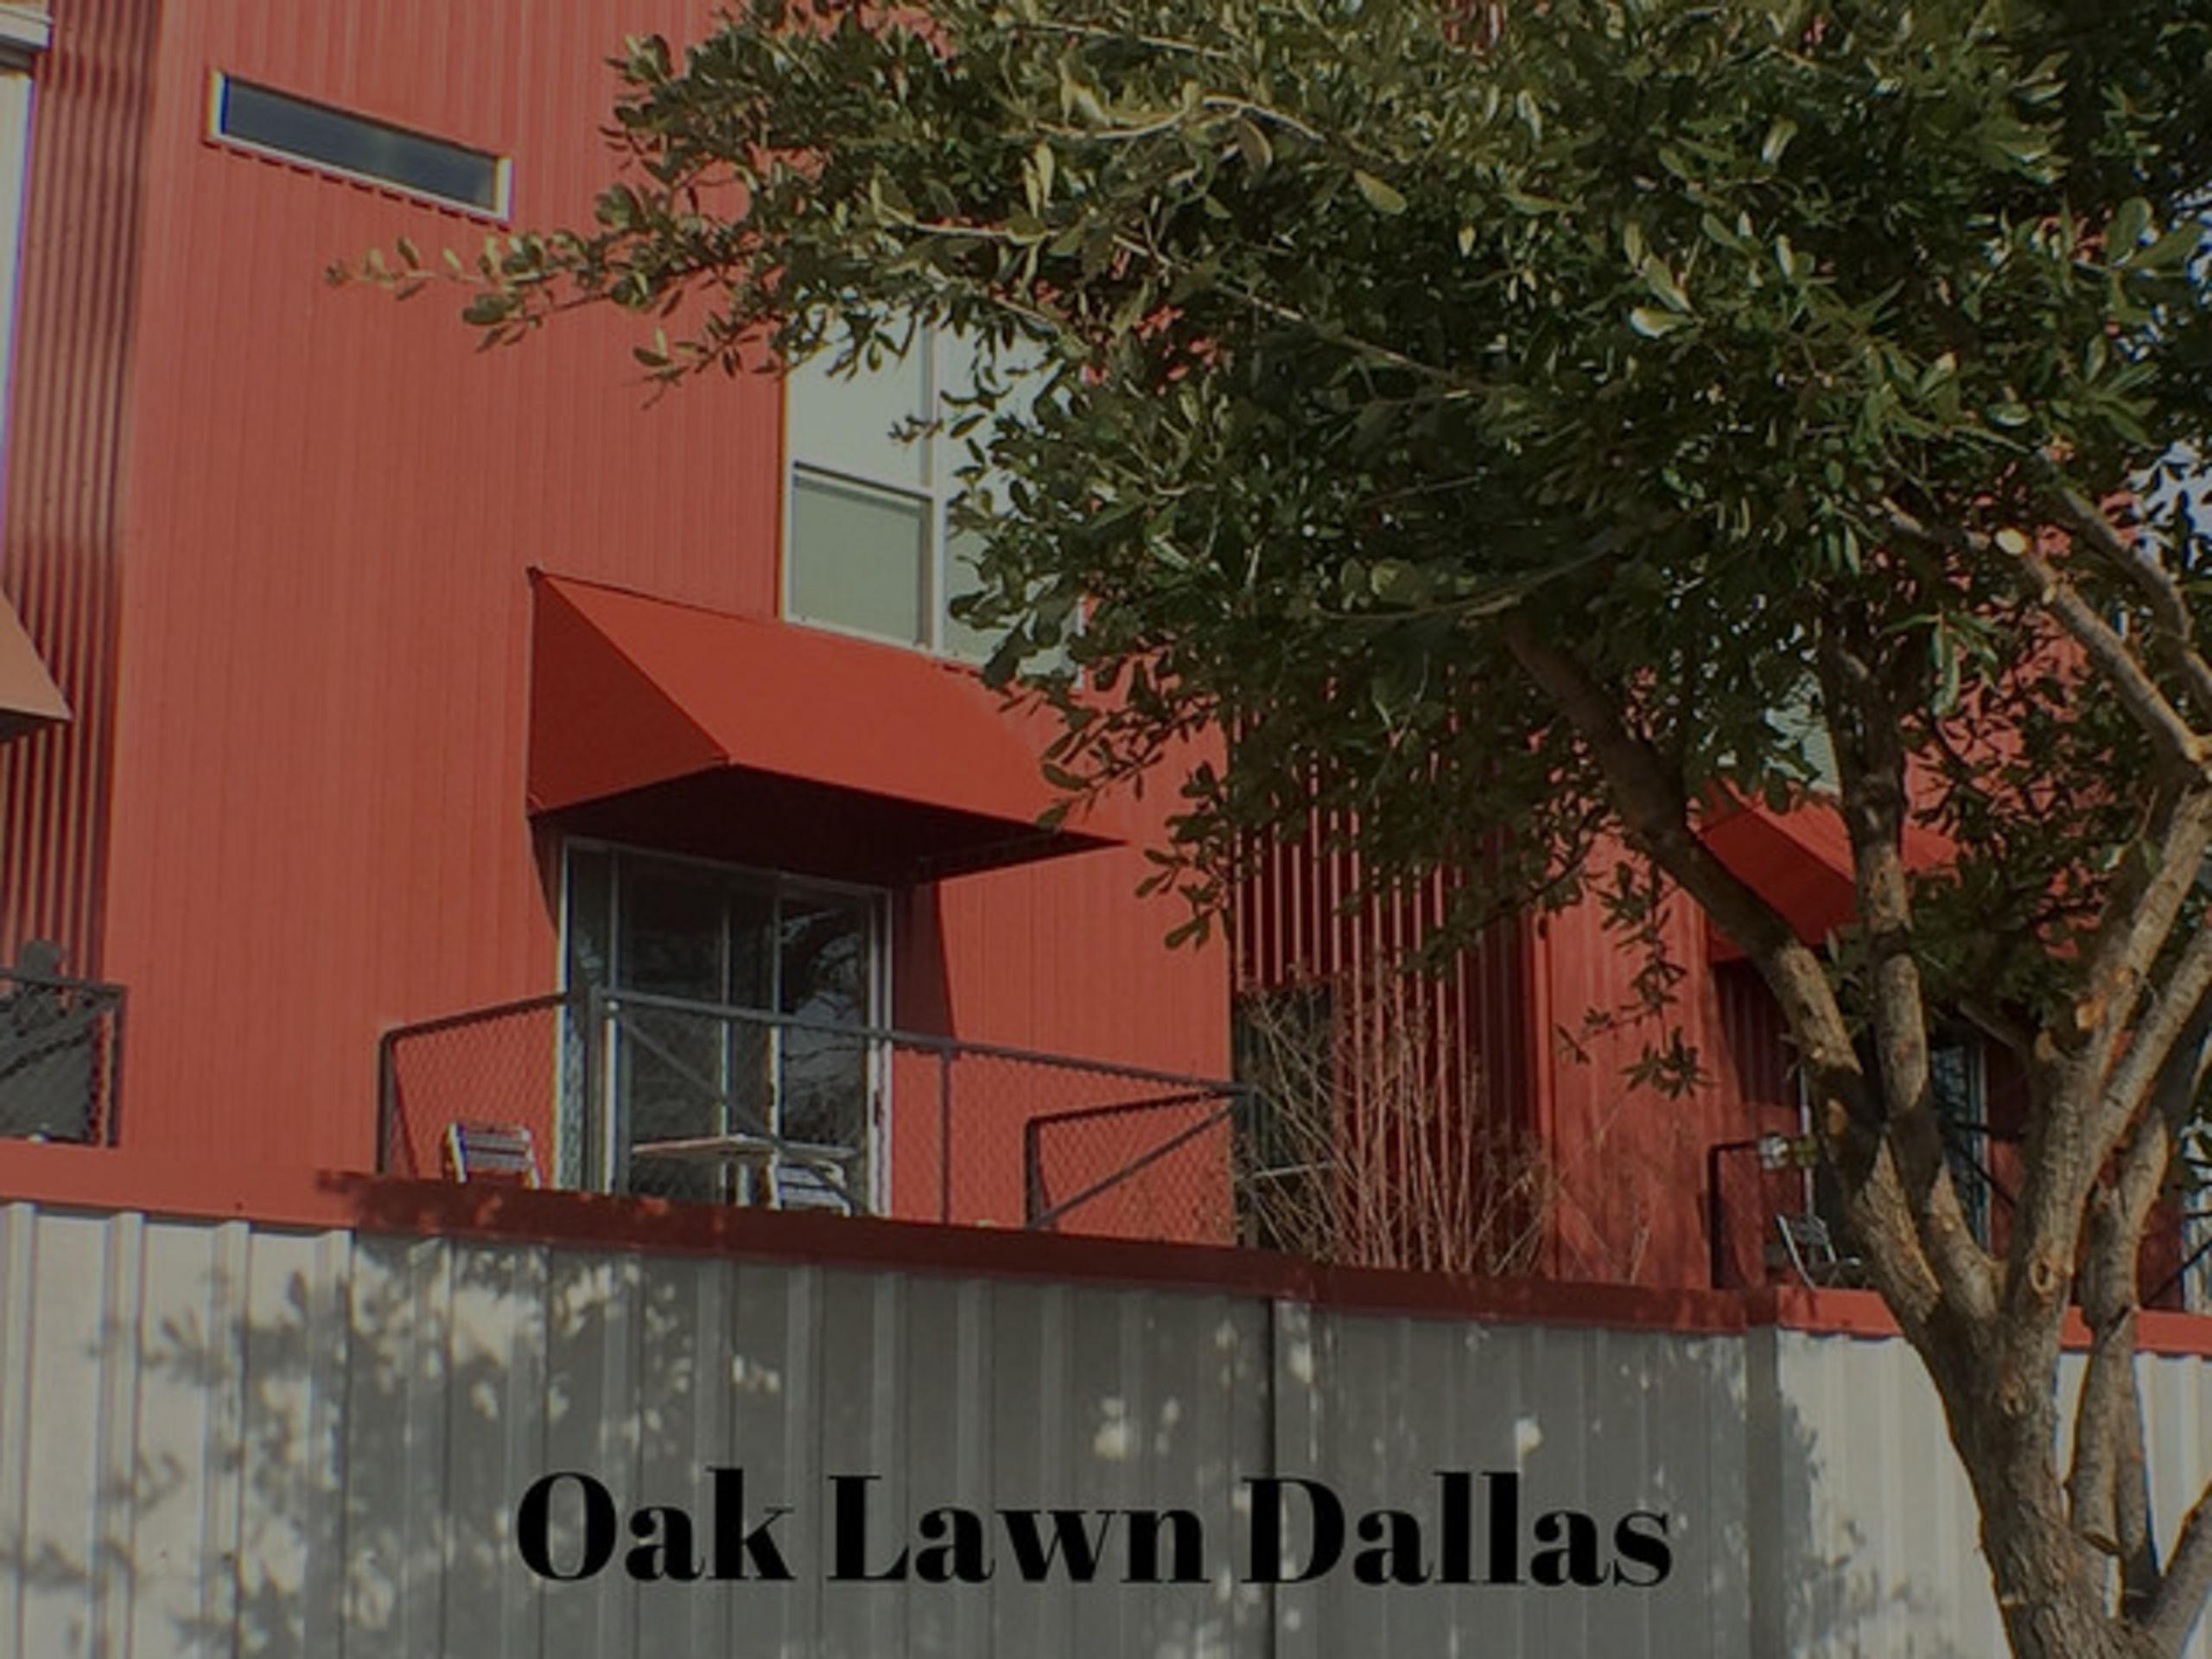 Uptown Dallas Condo Loan Rates Fall Amid Economic Turmoil